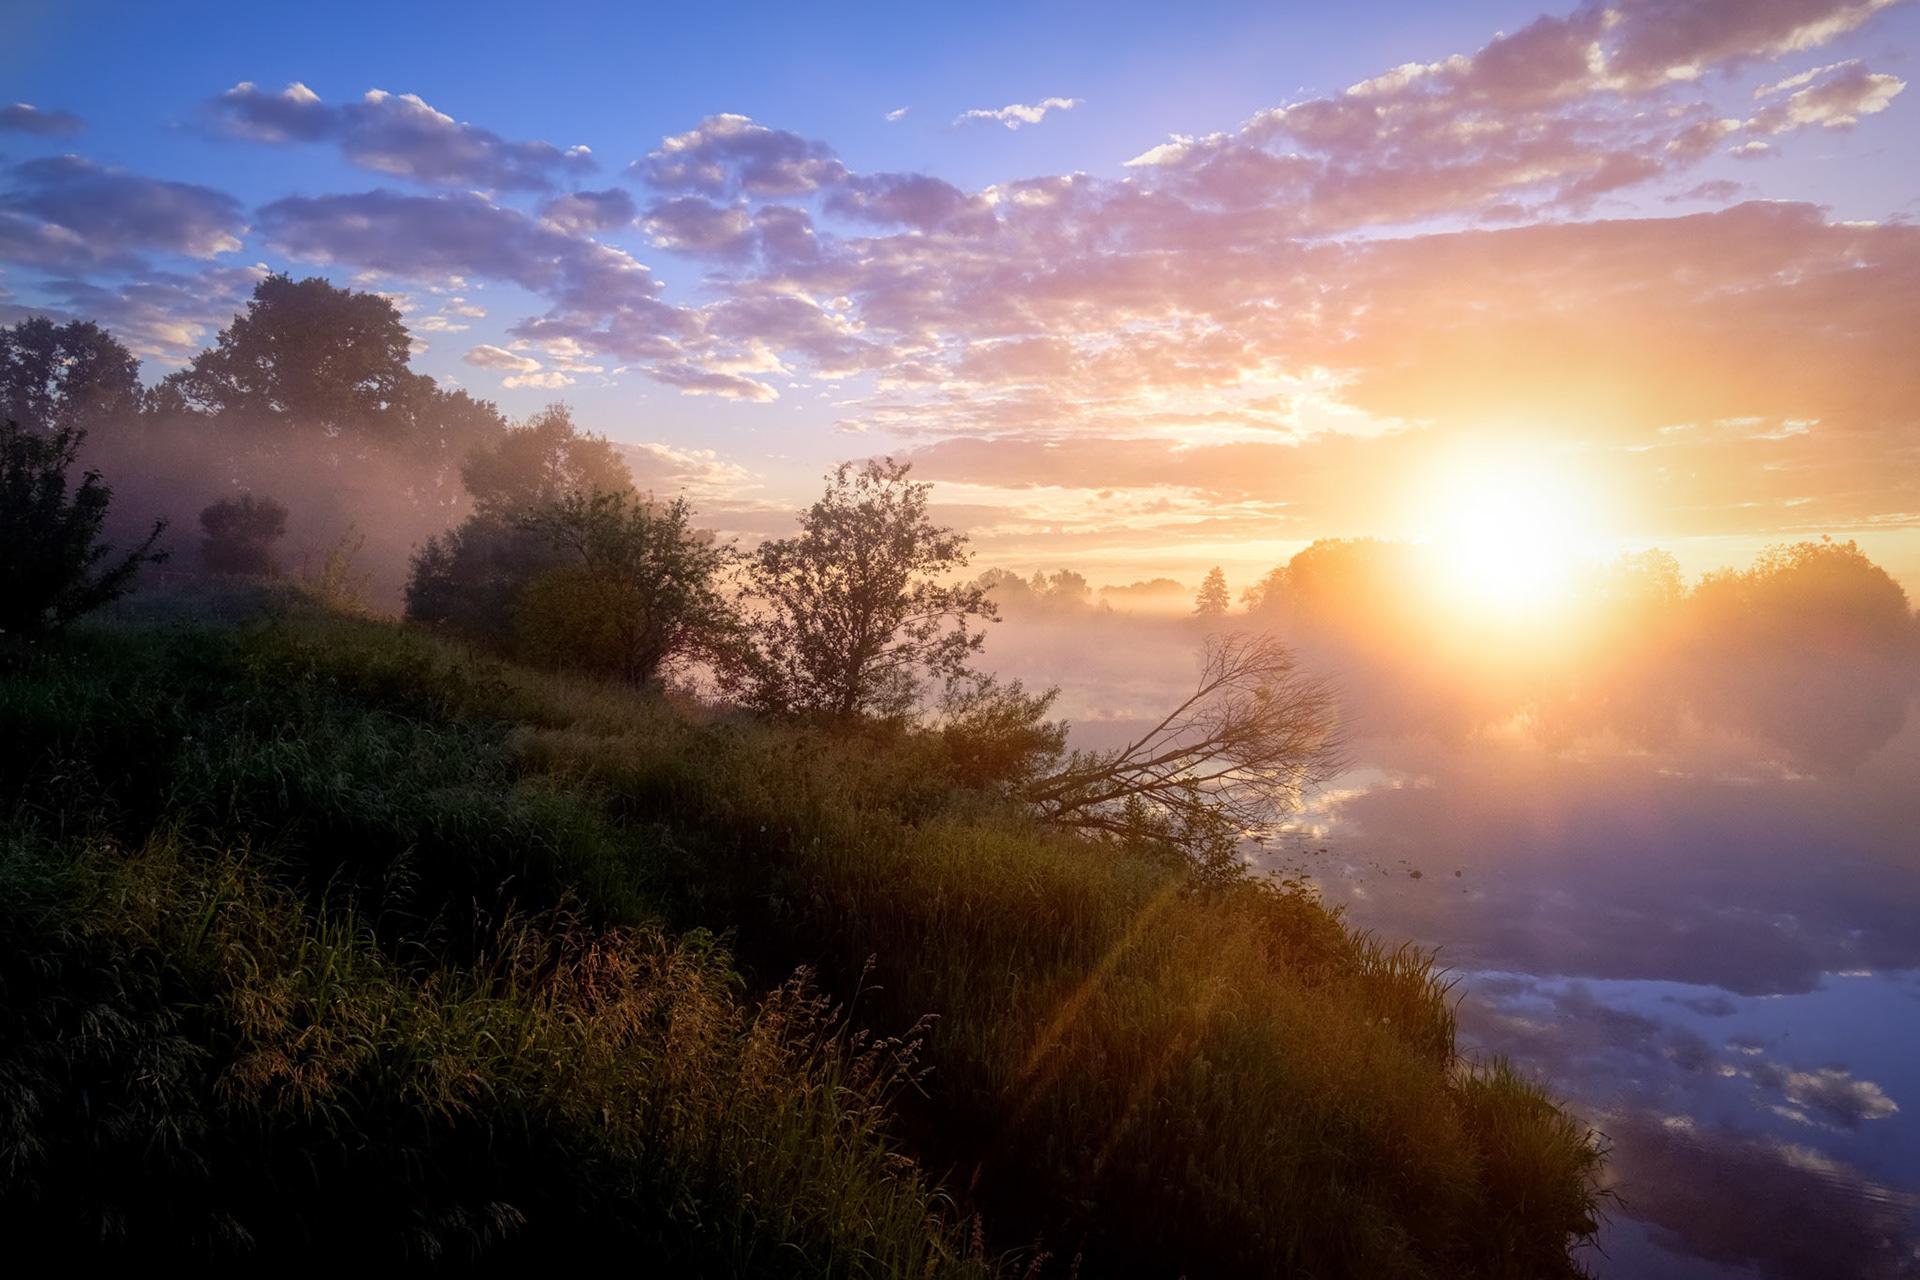 история рассвет солнце встает картинки смотреть всего разместить